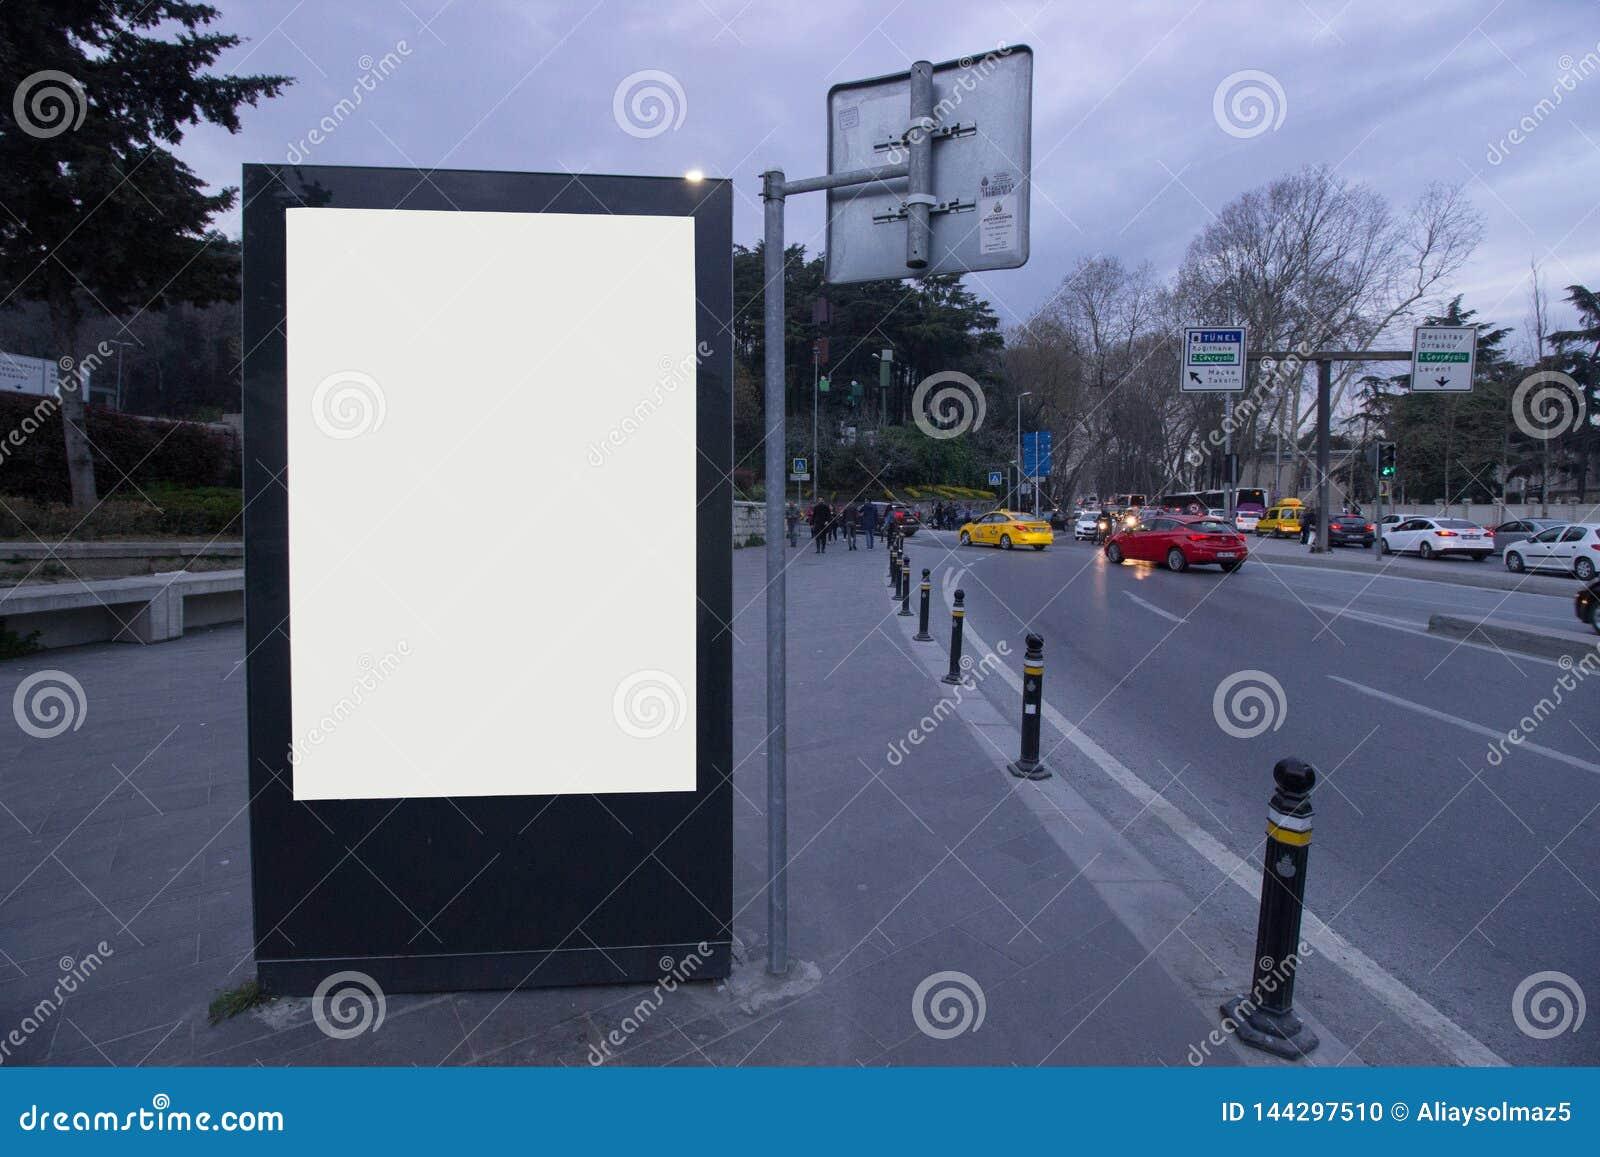 Panneaux d affichage de blanc d Istanbul même le temps, gare routière - panneau d affichage extérieur pour la publicité